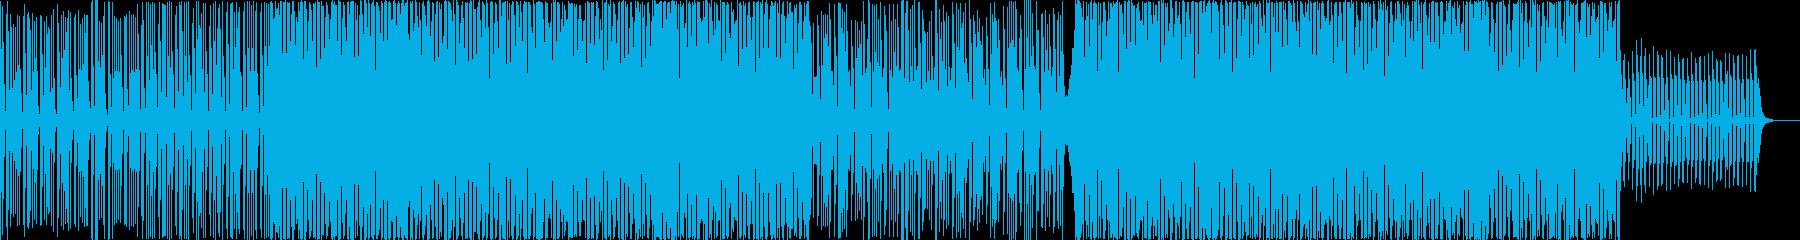 フェイザースネア。奇妙な。の再生済みの波形